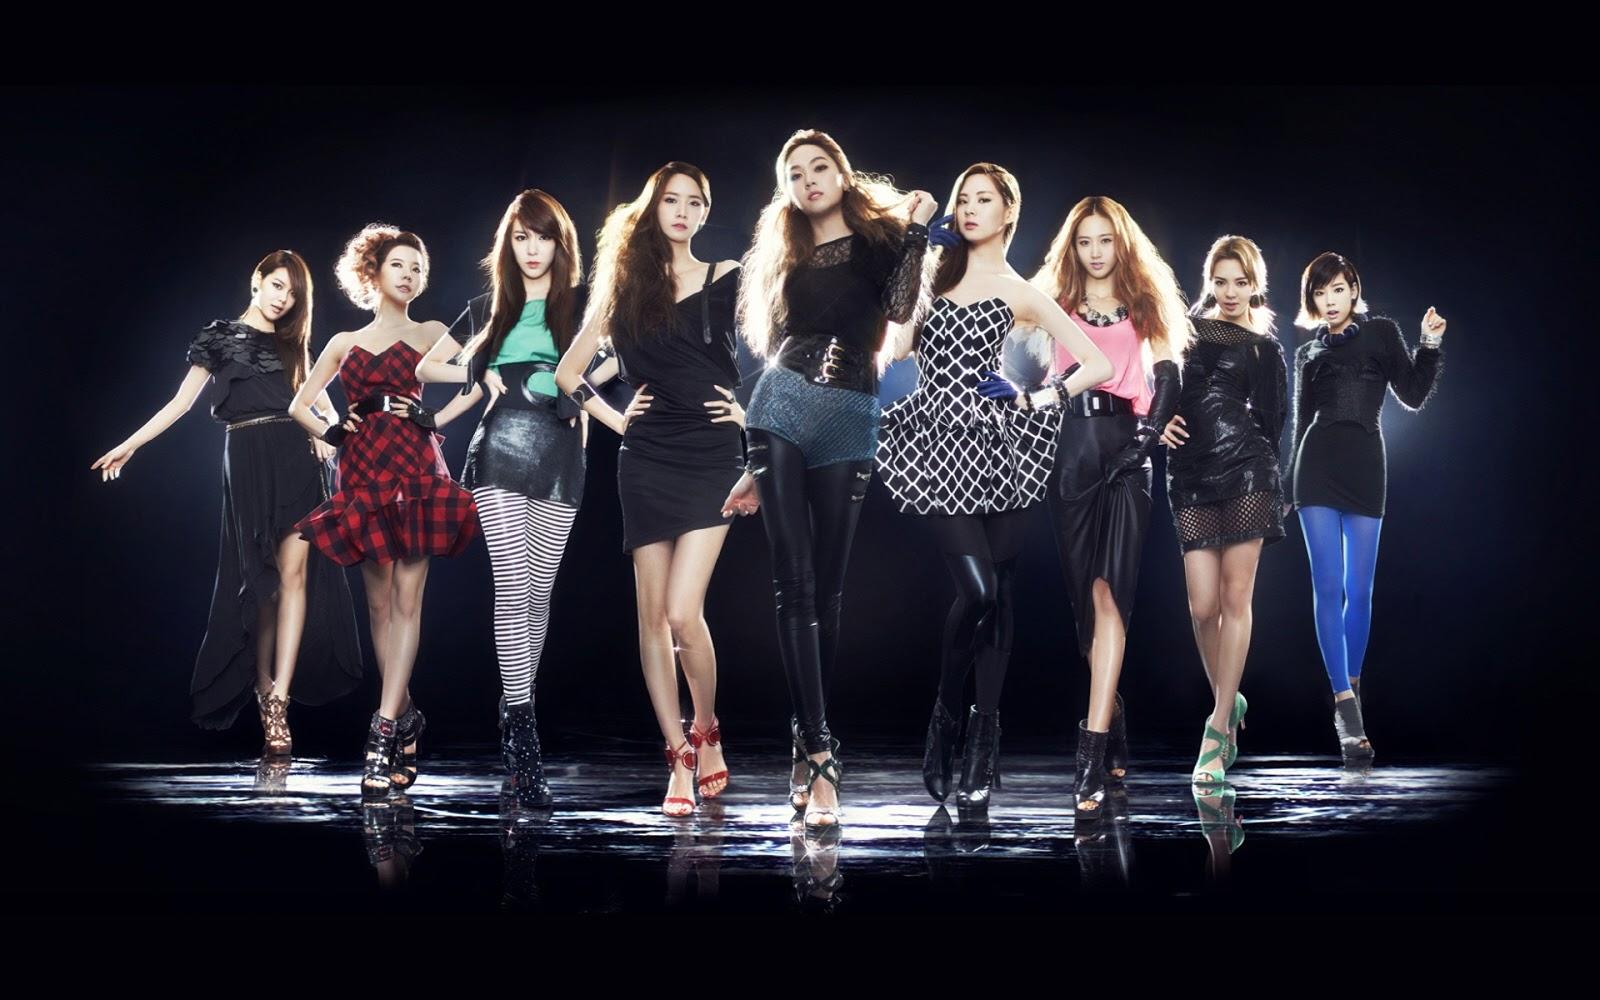 http://4.bp.blogspot.com/-XDzYfS6CB48/UWjYPnOij8I/AAAAAAAAiZU/myBa83Geklk/s1600/SNSD-Girls-Generation-Tour-2011-Wallpaper-HD-2.jpg